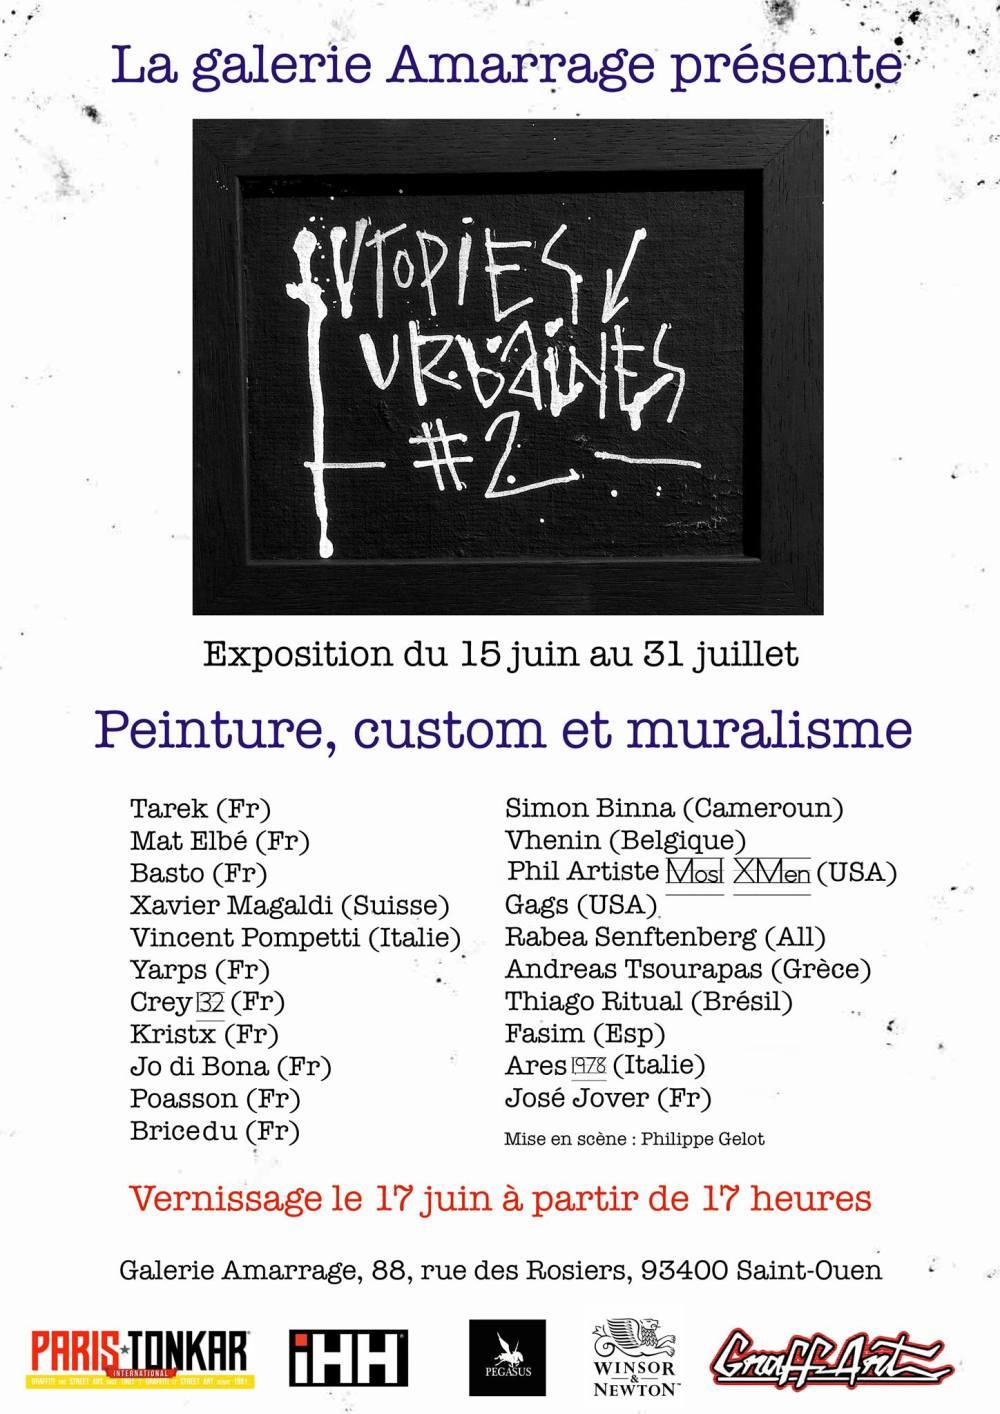 Utopies Urbaines #2 1506-3107-2017 Galerie Amarrage (FR)